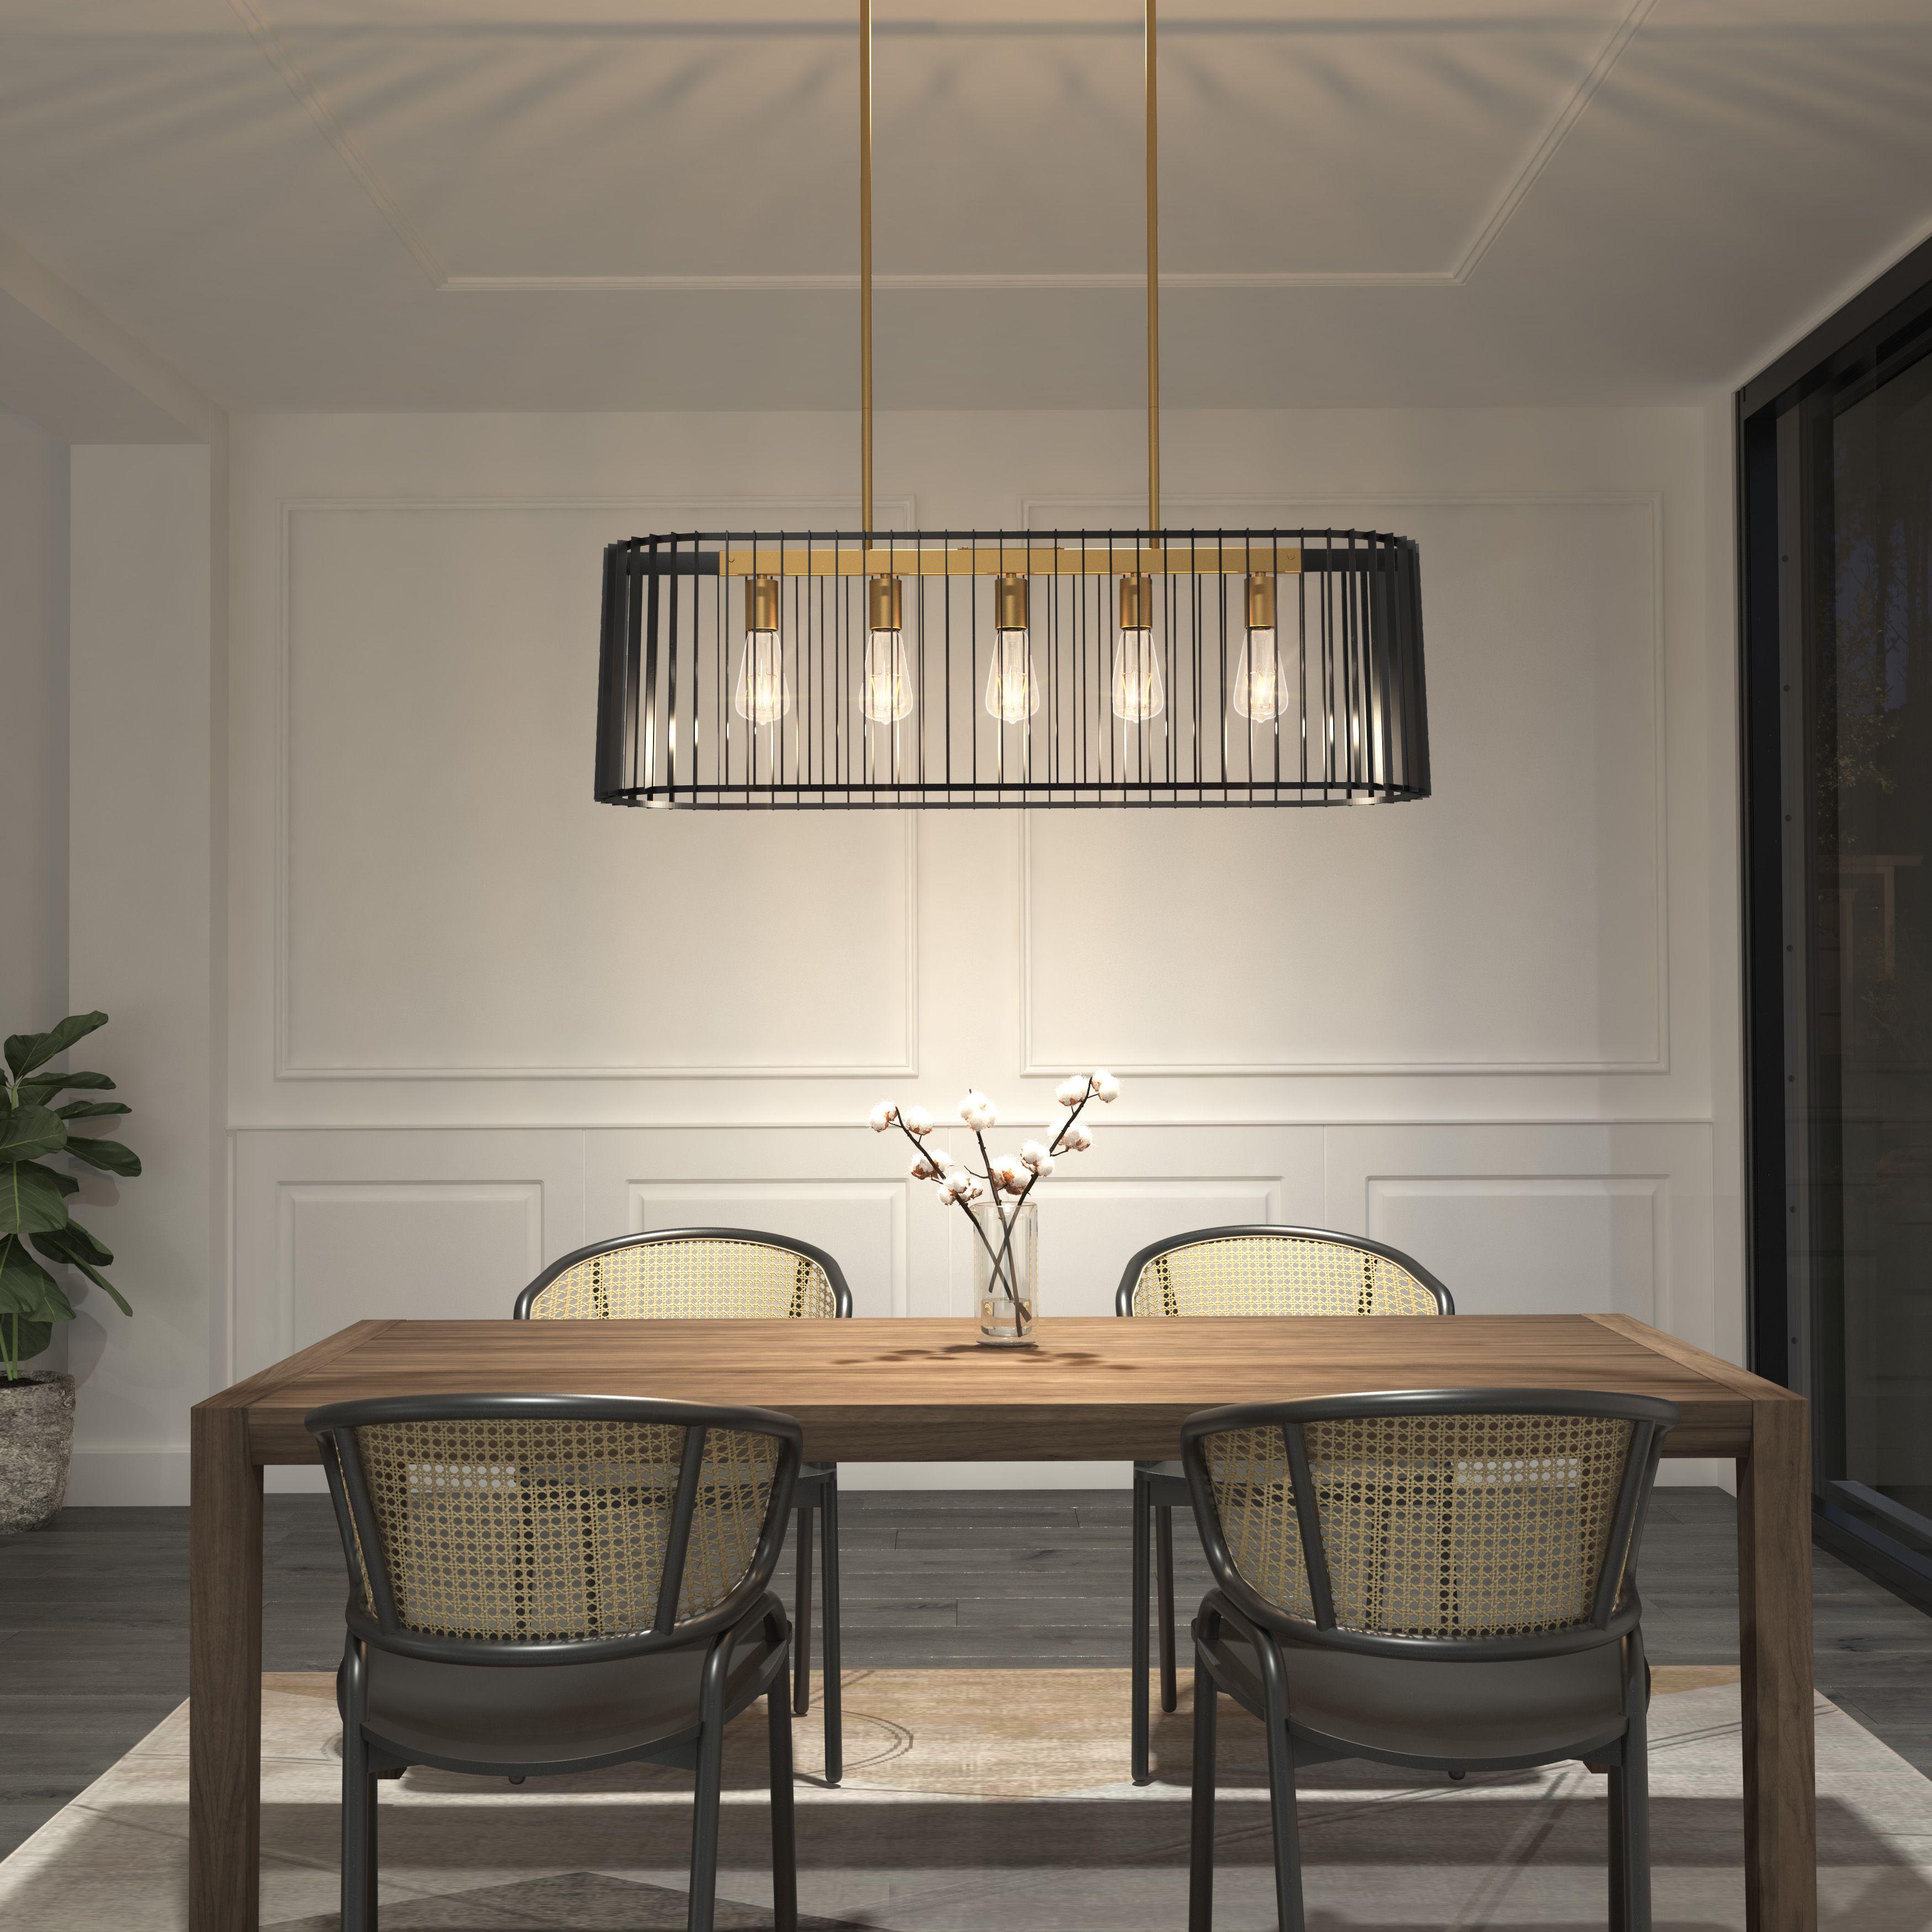 Artika Gatsby 5 Light Chandelier Chandelier Lighting Pendant Lighting Dining Room 5 Light Chandelier